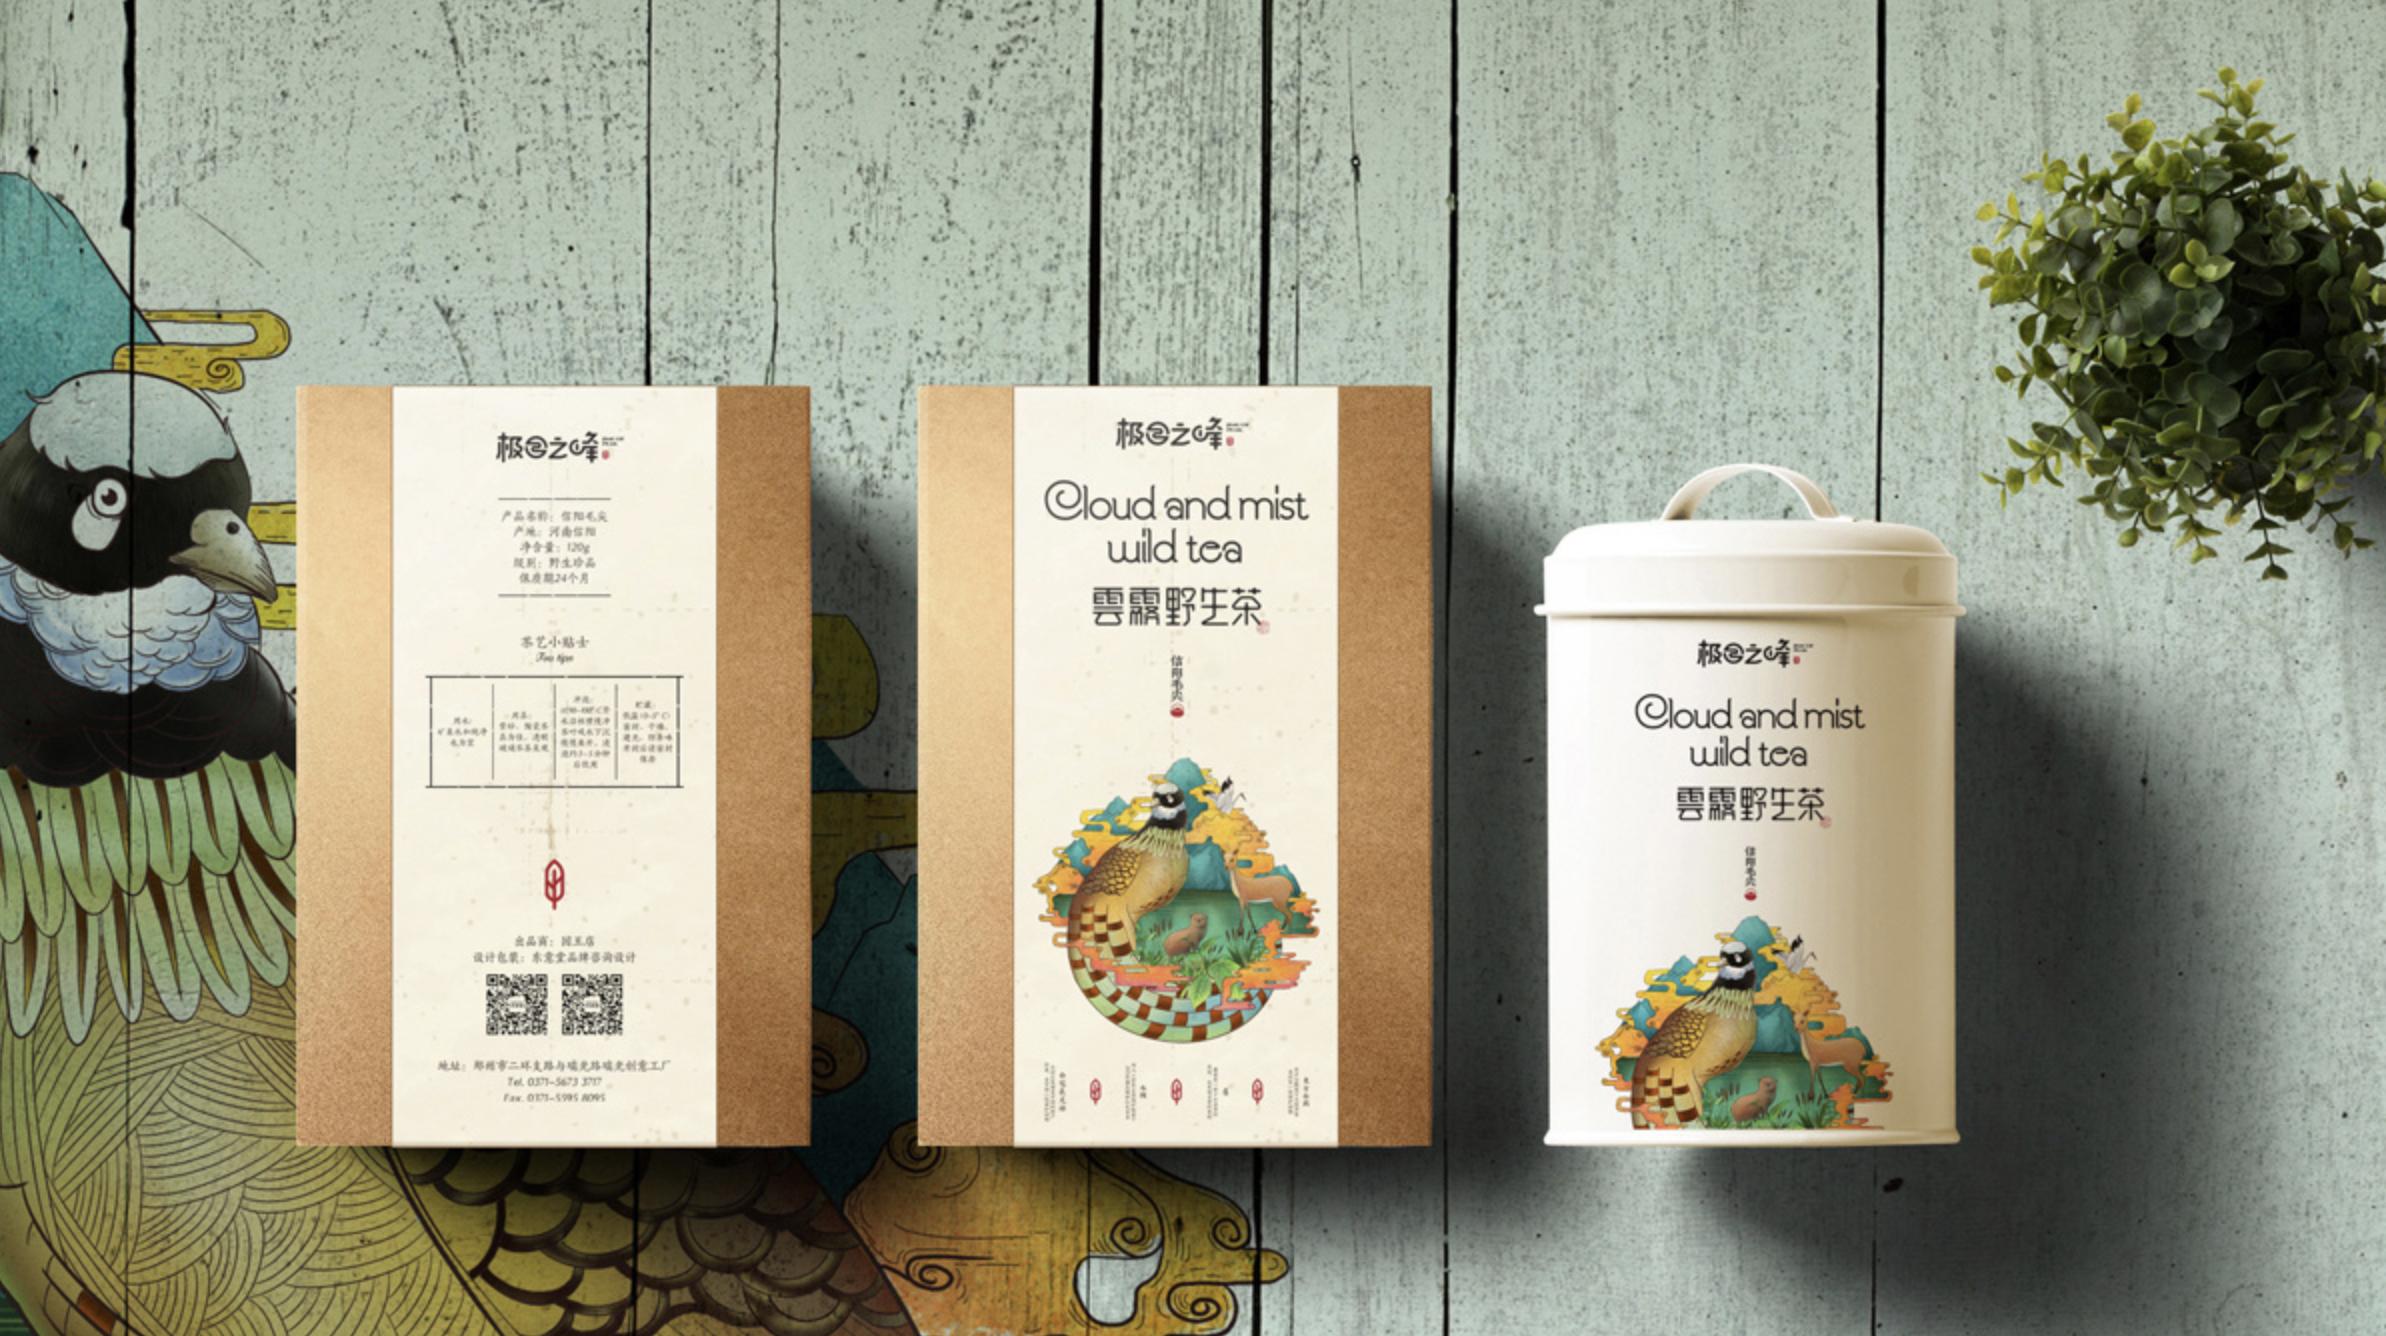 _餐饮品牌企业形象互联网农业地产教育培训VI系统设计vis设计39